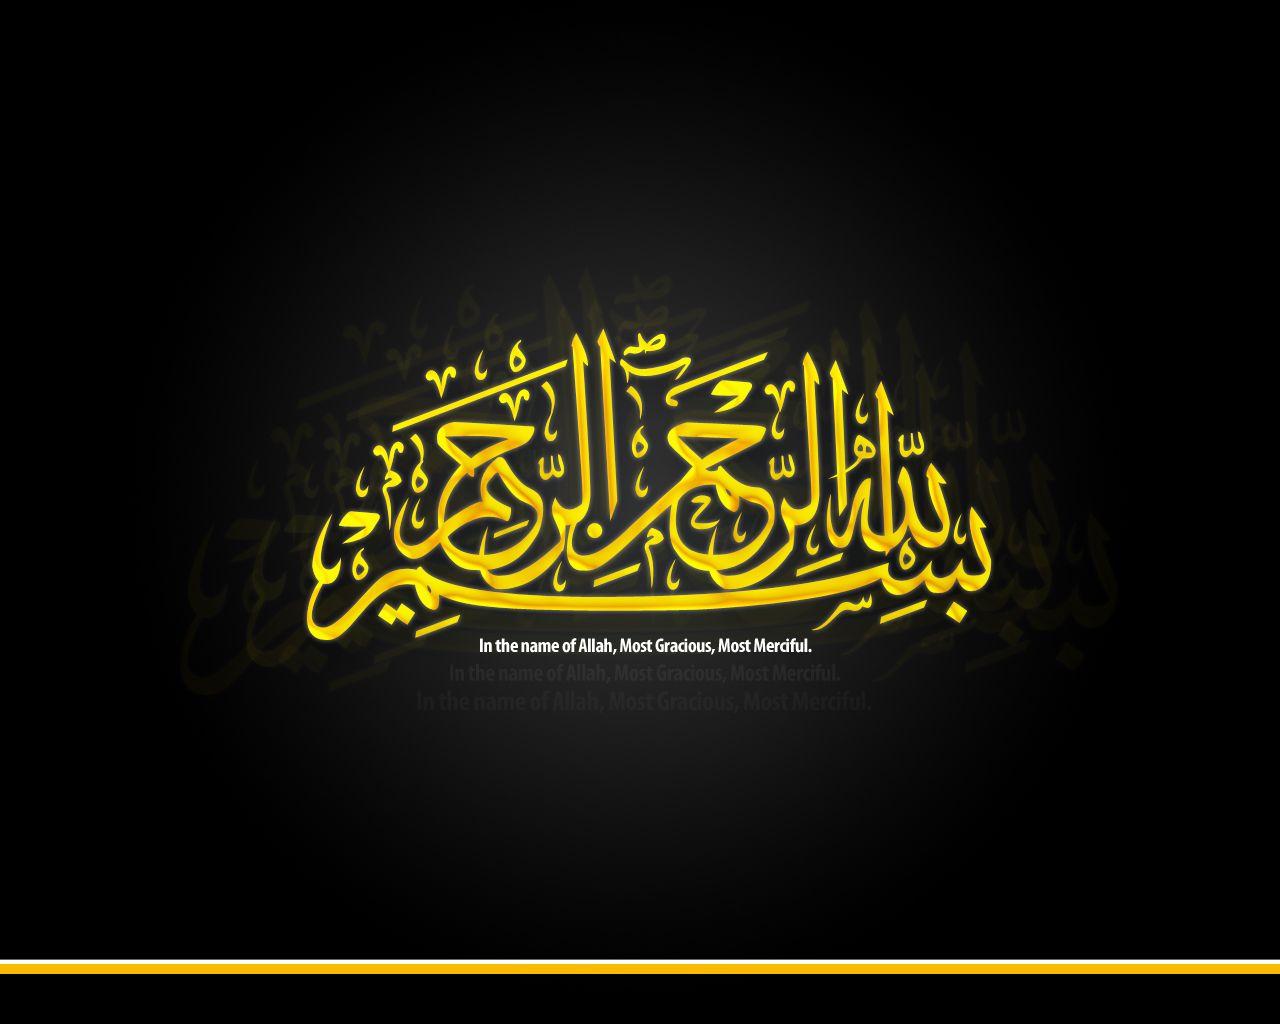 Bismillah Calligraphy Wallpaper Kaligrafi Gambar Kaligrafi Arab